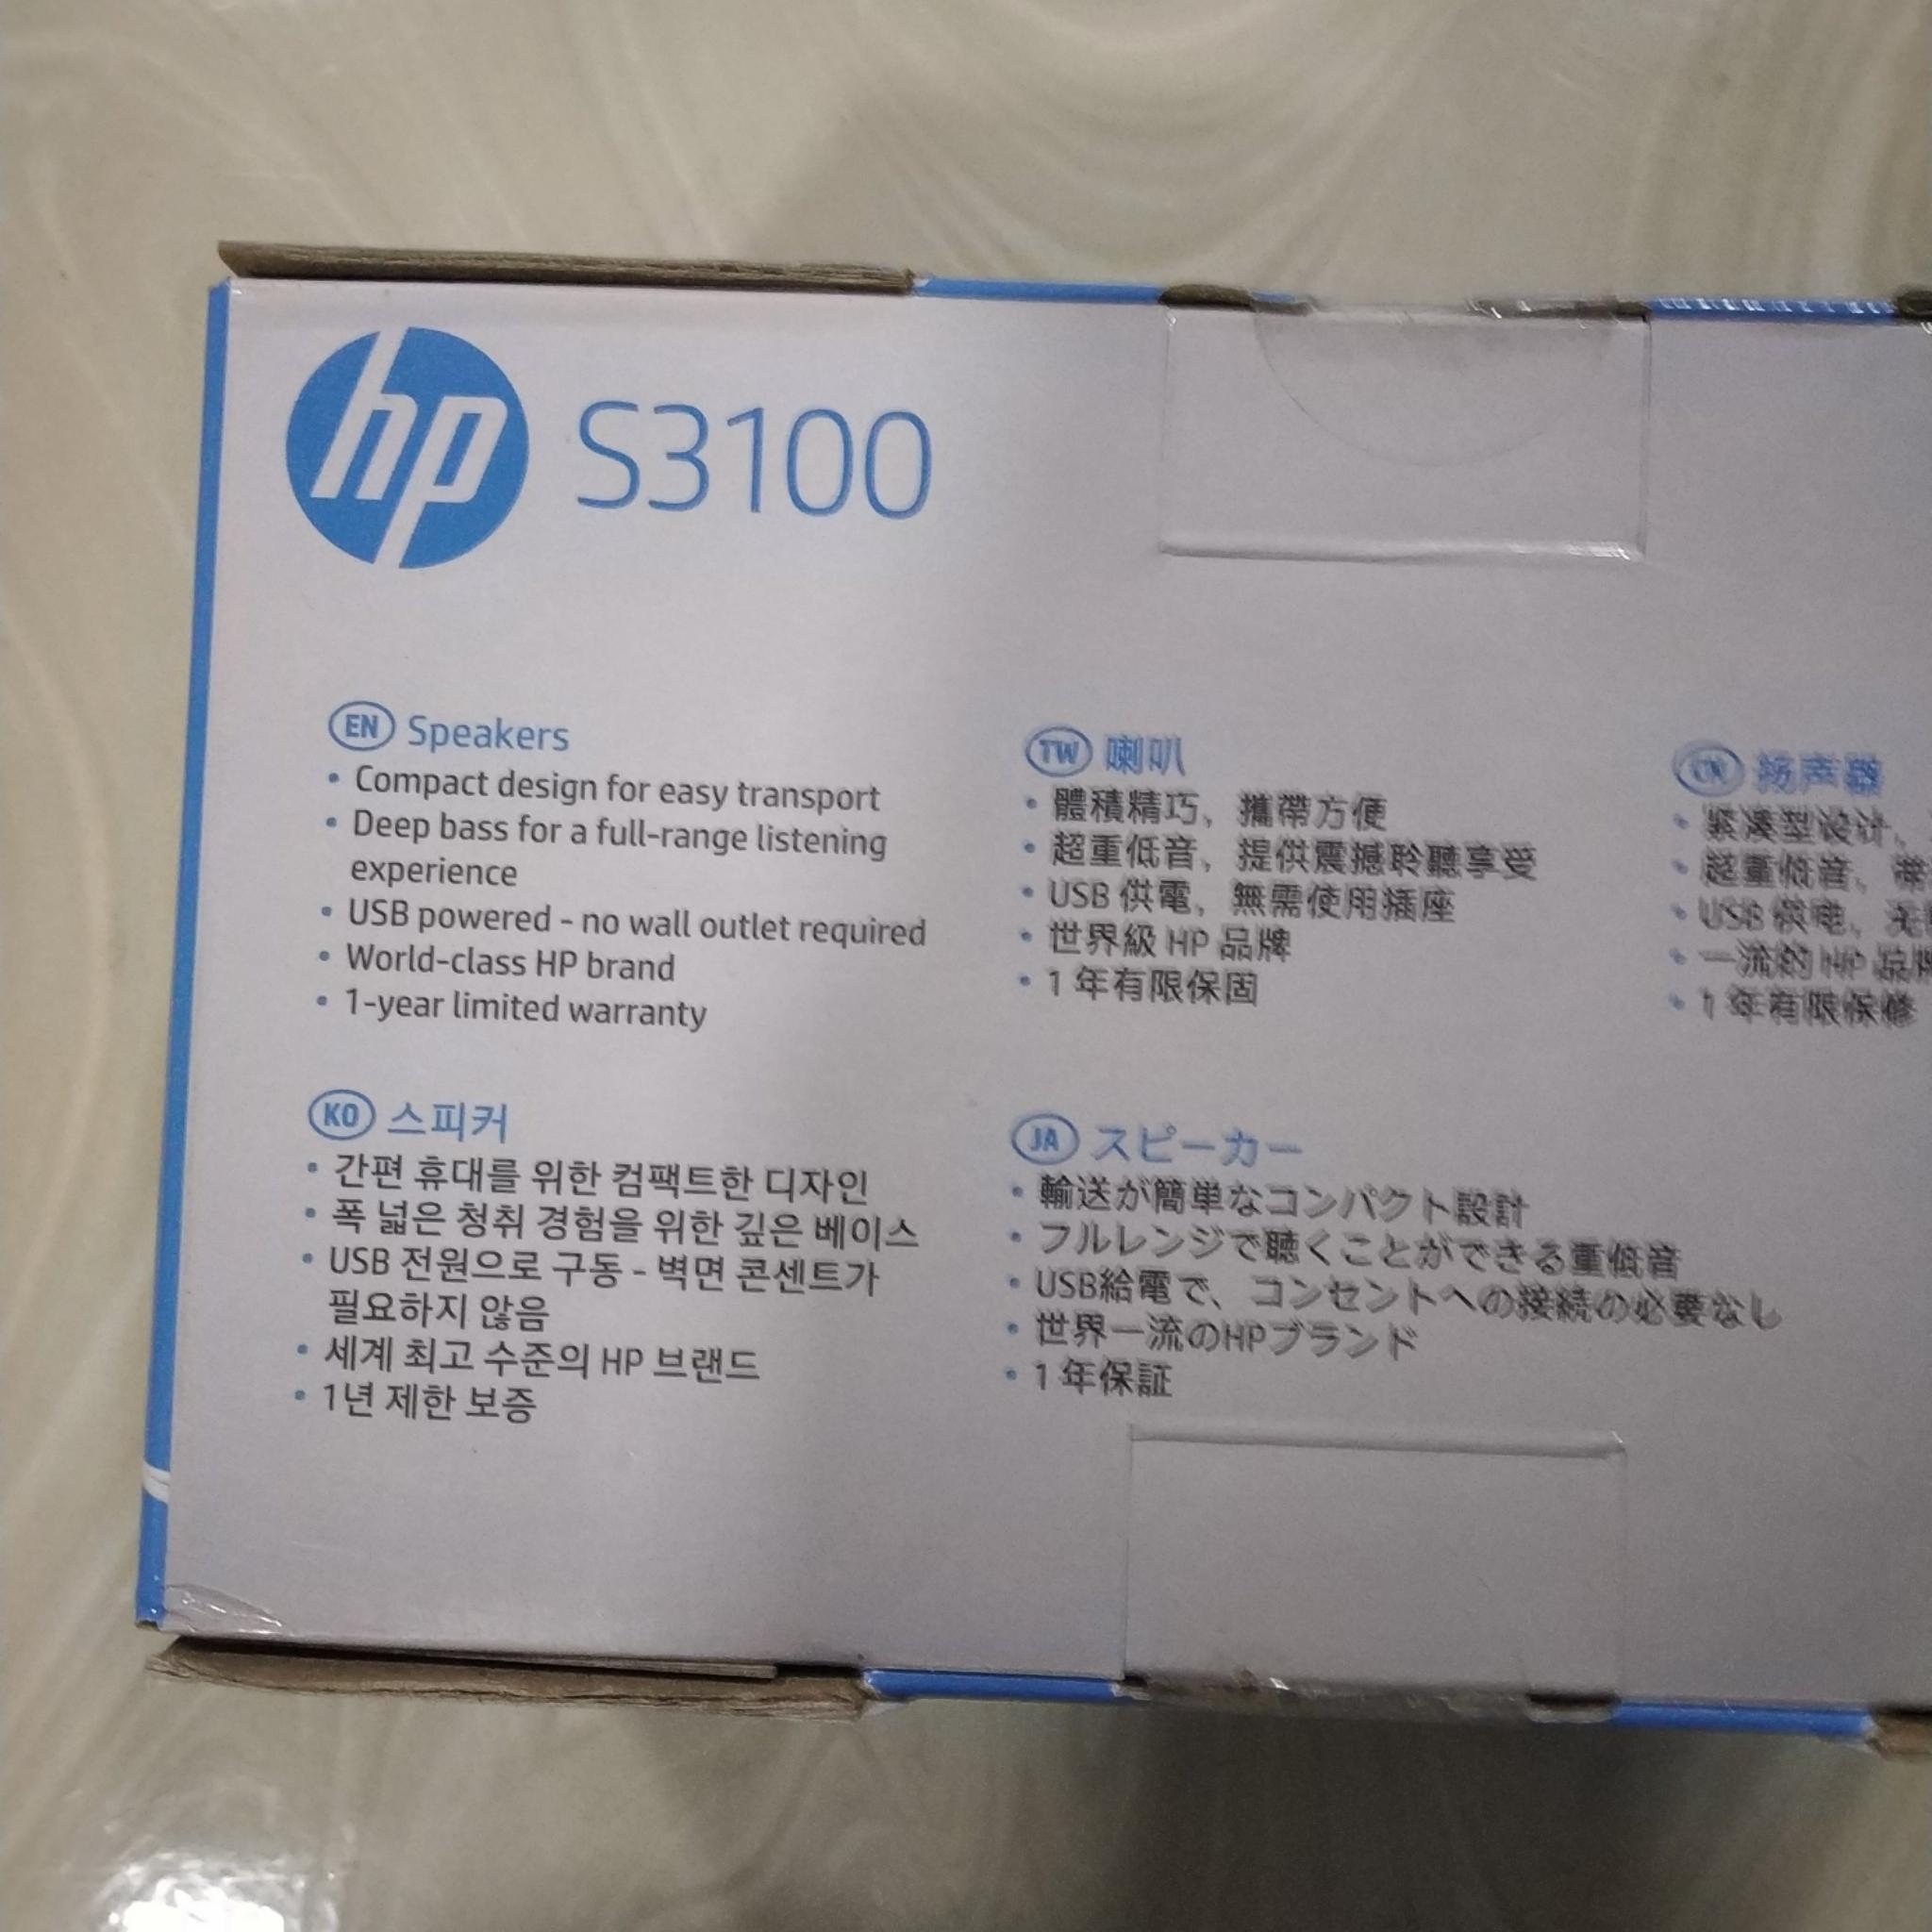 HP S3100 2.0 Speakers, White